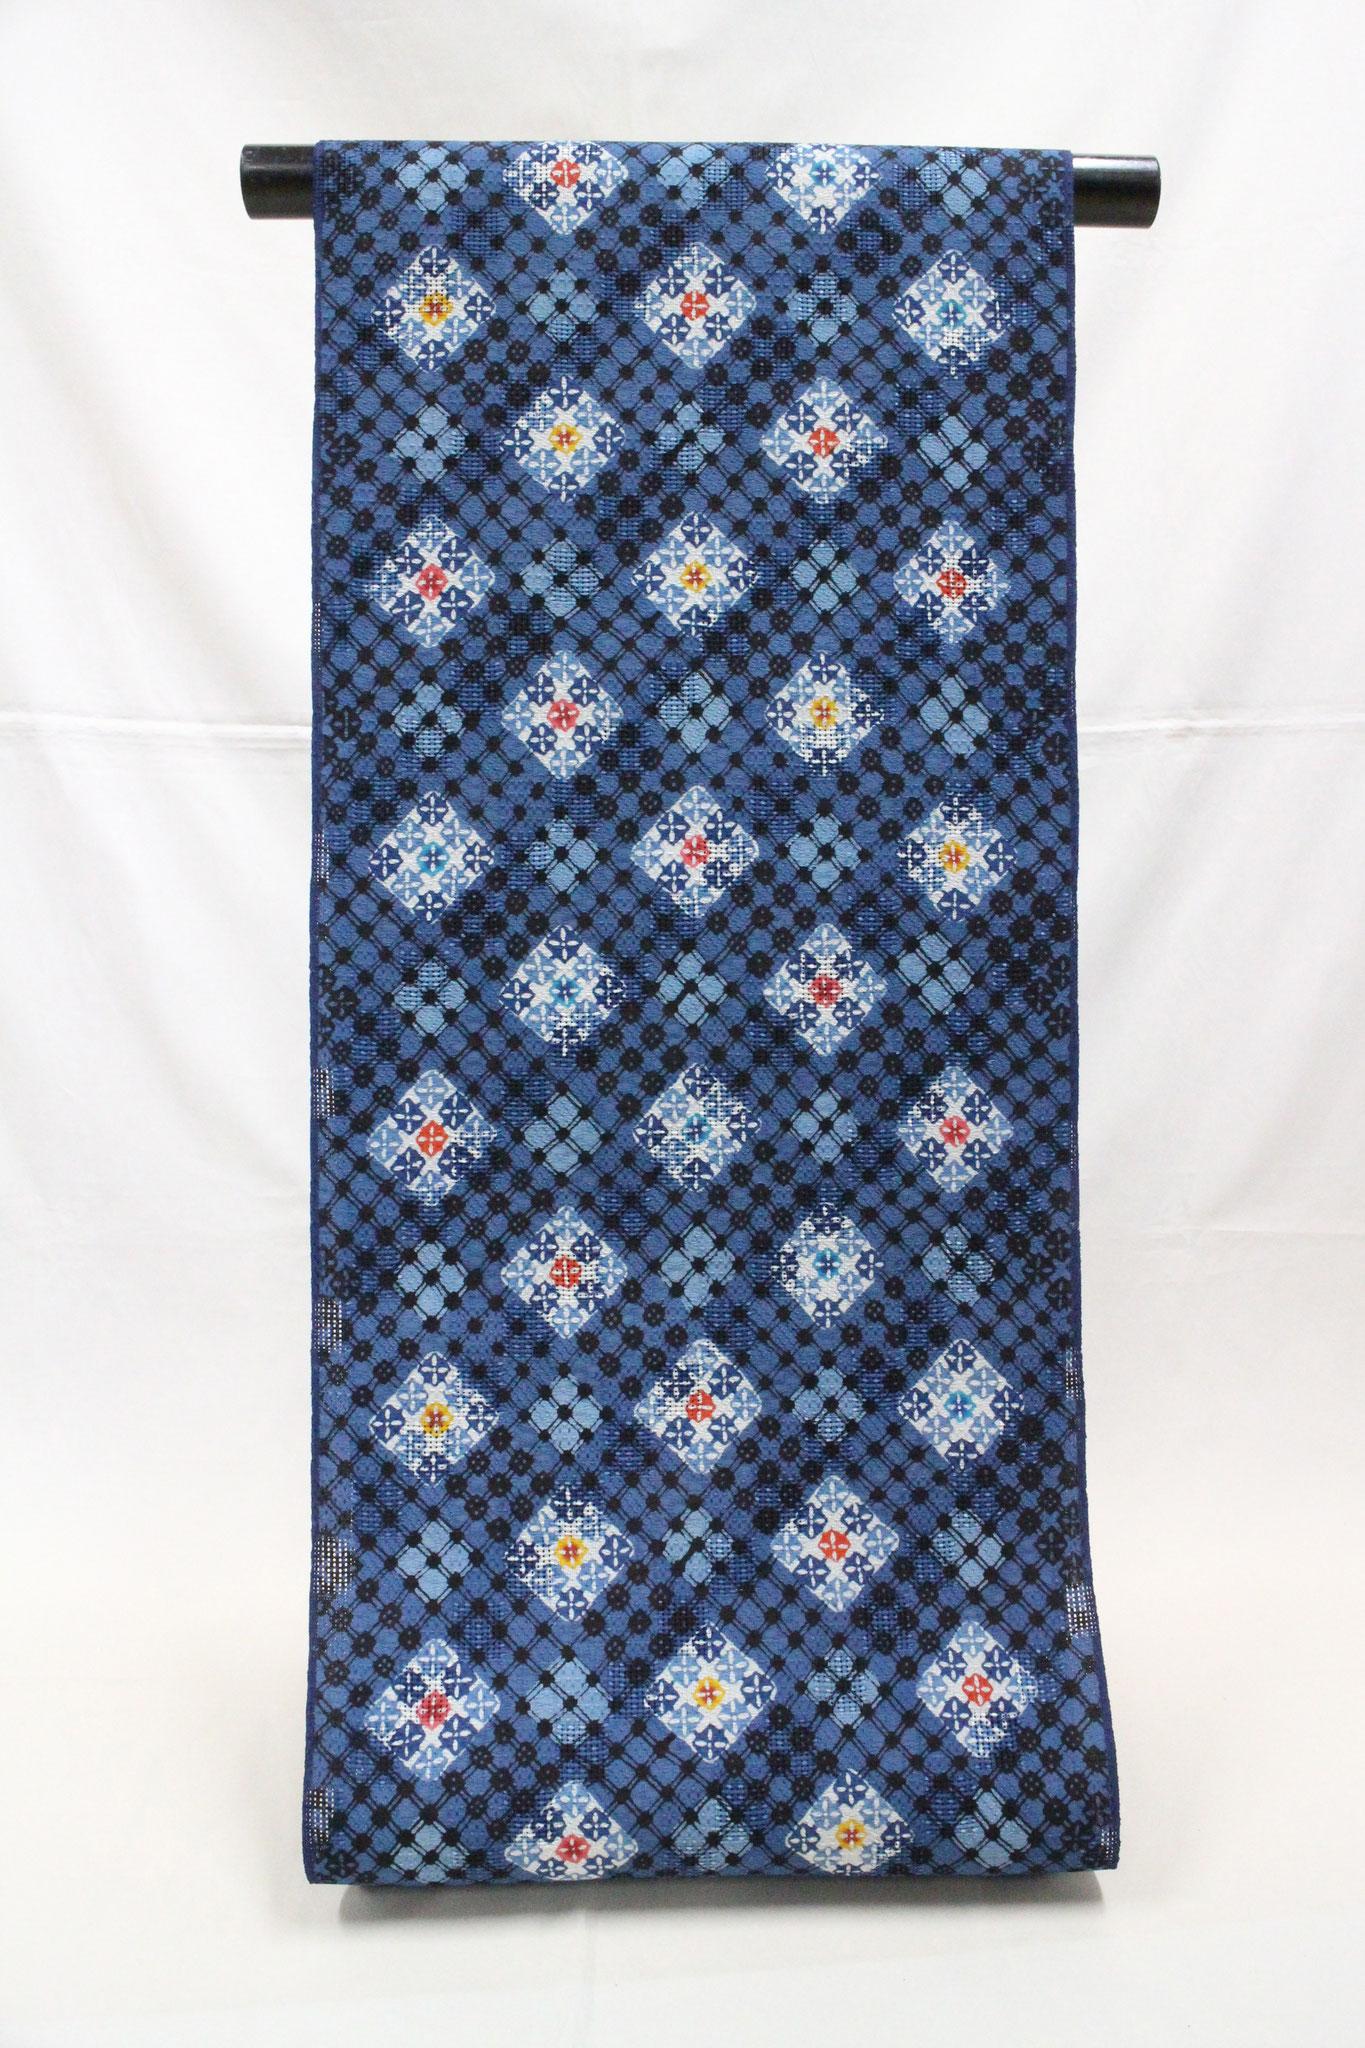 紅入り藍型 変り菱繋ぎ  桐生紬